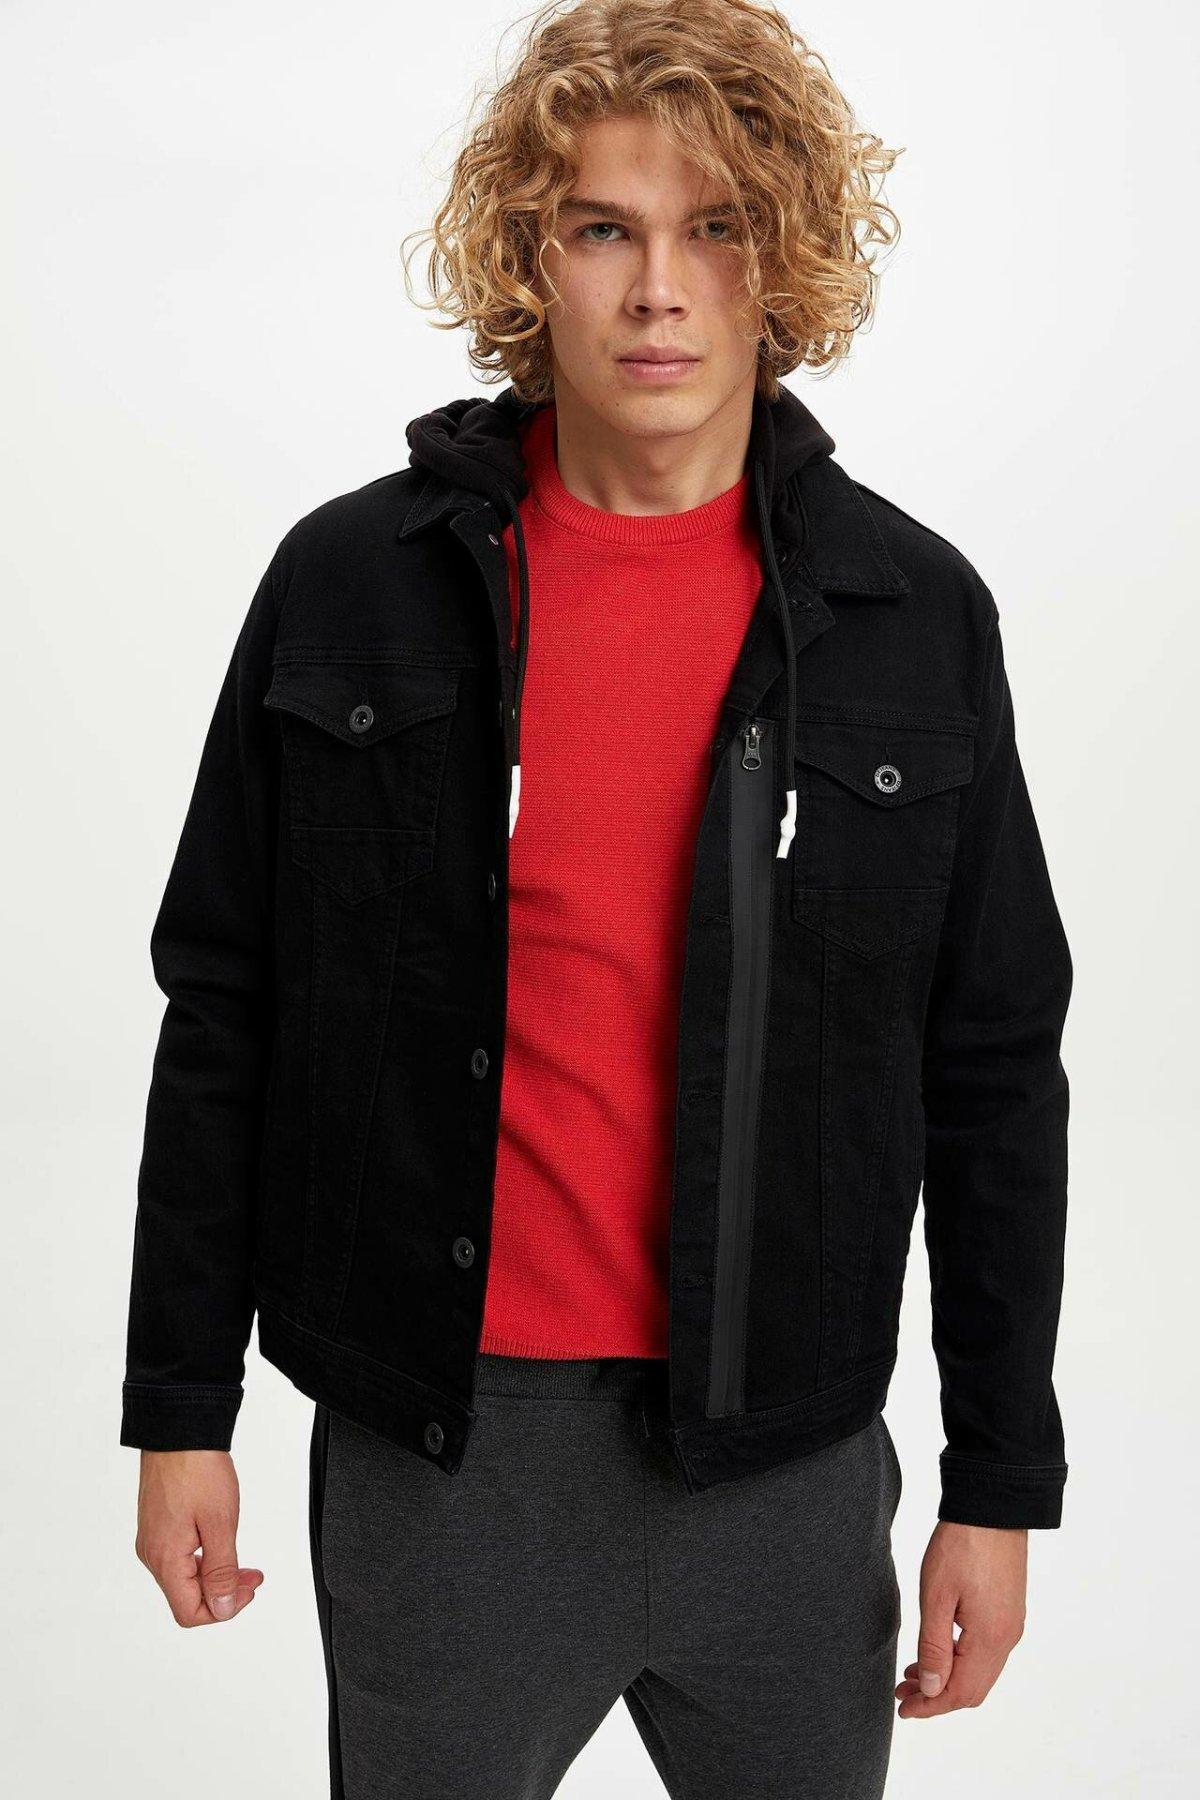 DeFacto Autumn Fashion Black Lapel Jean Jackets Male High Quality Denim Simple Loose Leisure Pockets Coats Men -L5446AZ19AU